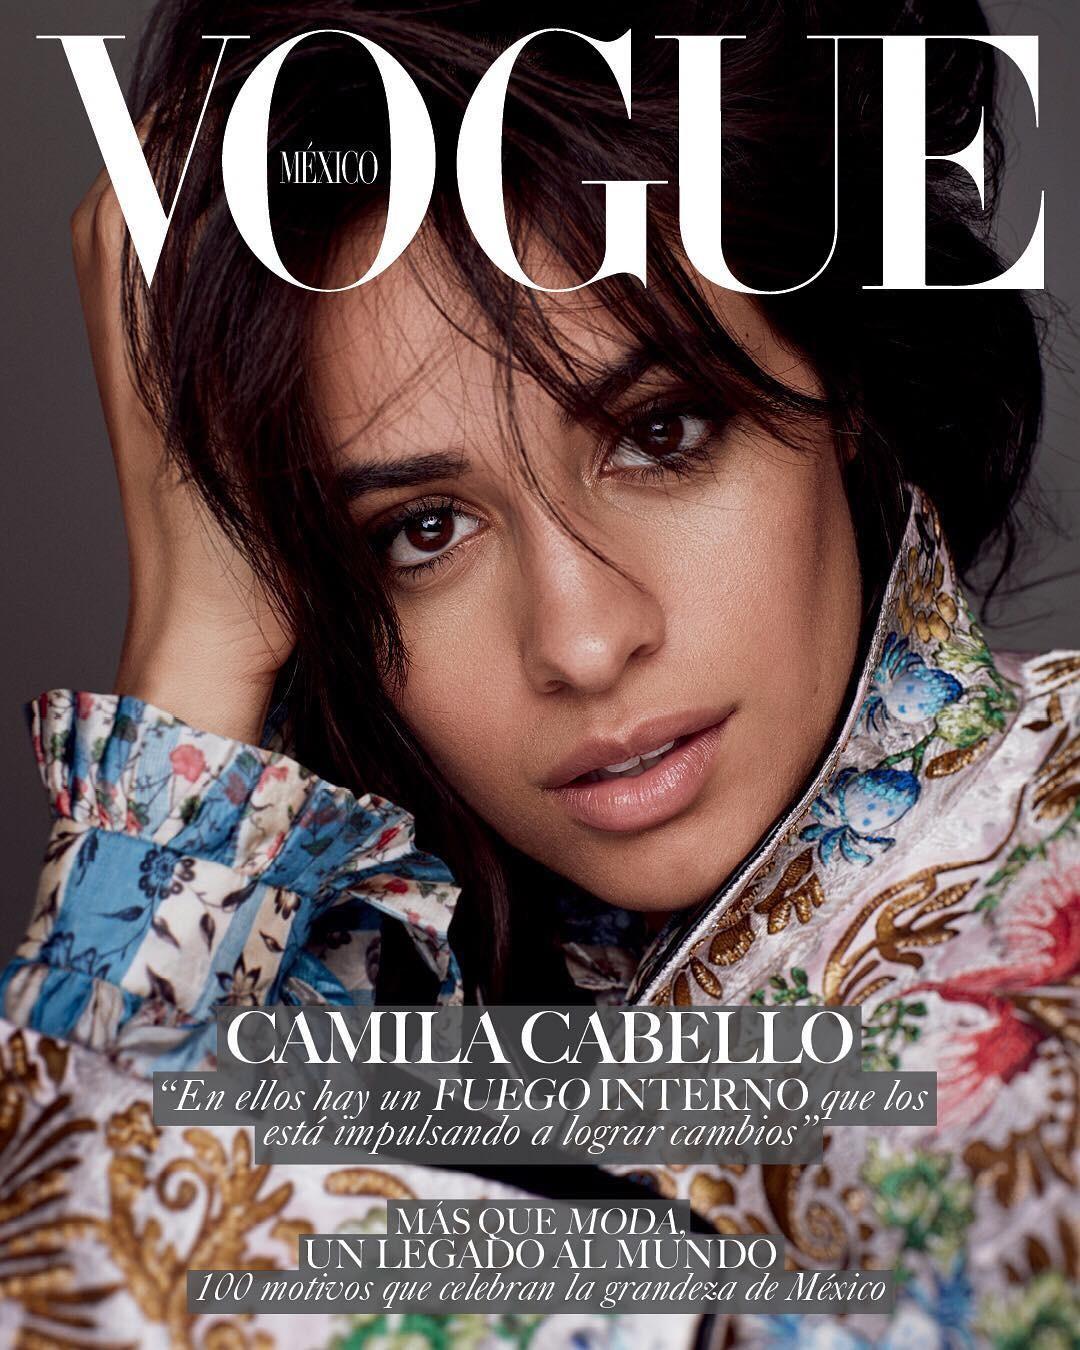 Camila Cabello para Vogue México (Foto: Reprodução/Instagram)